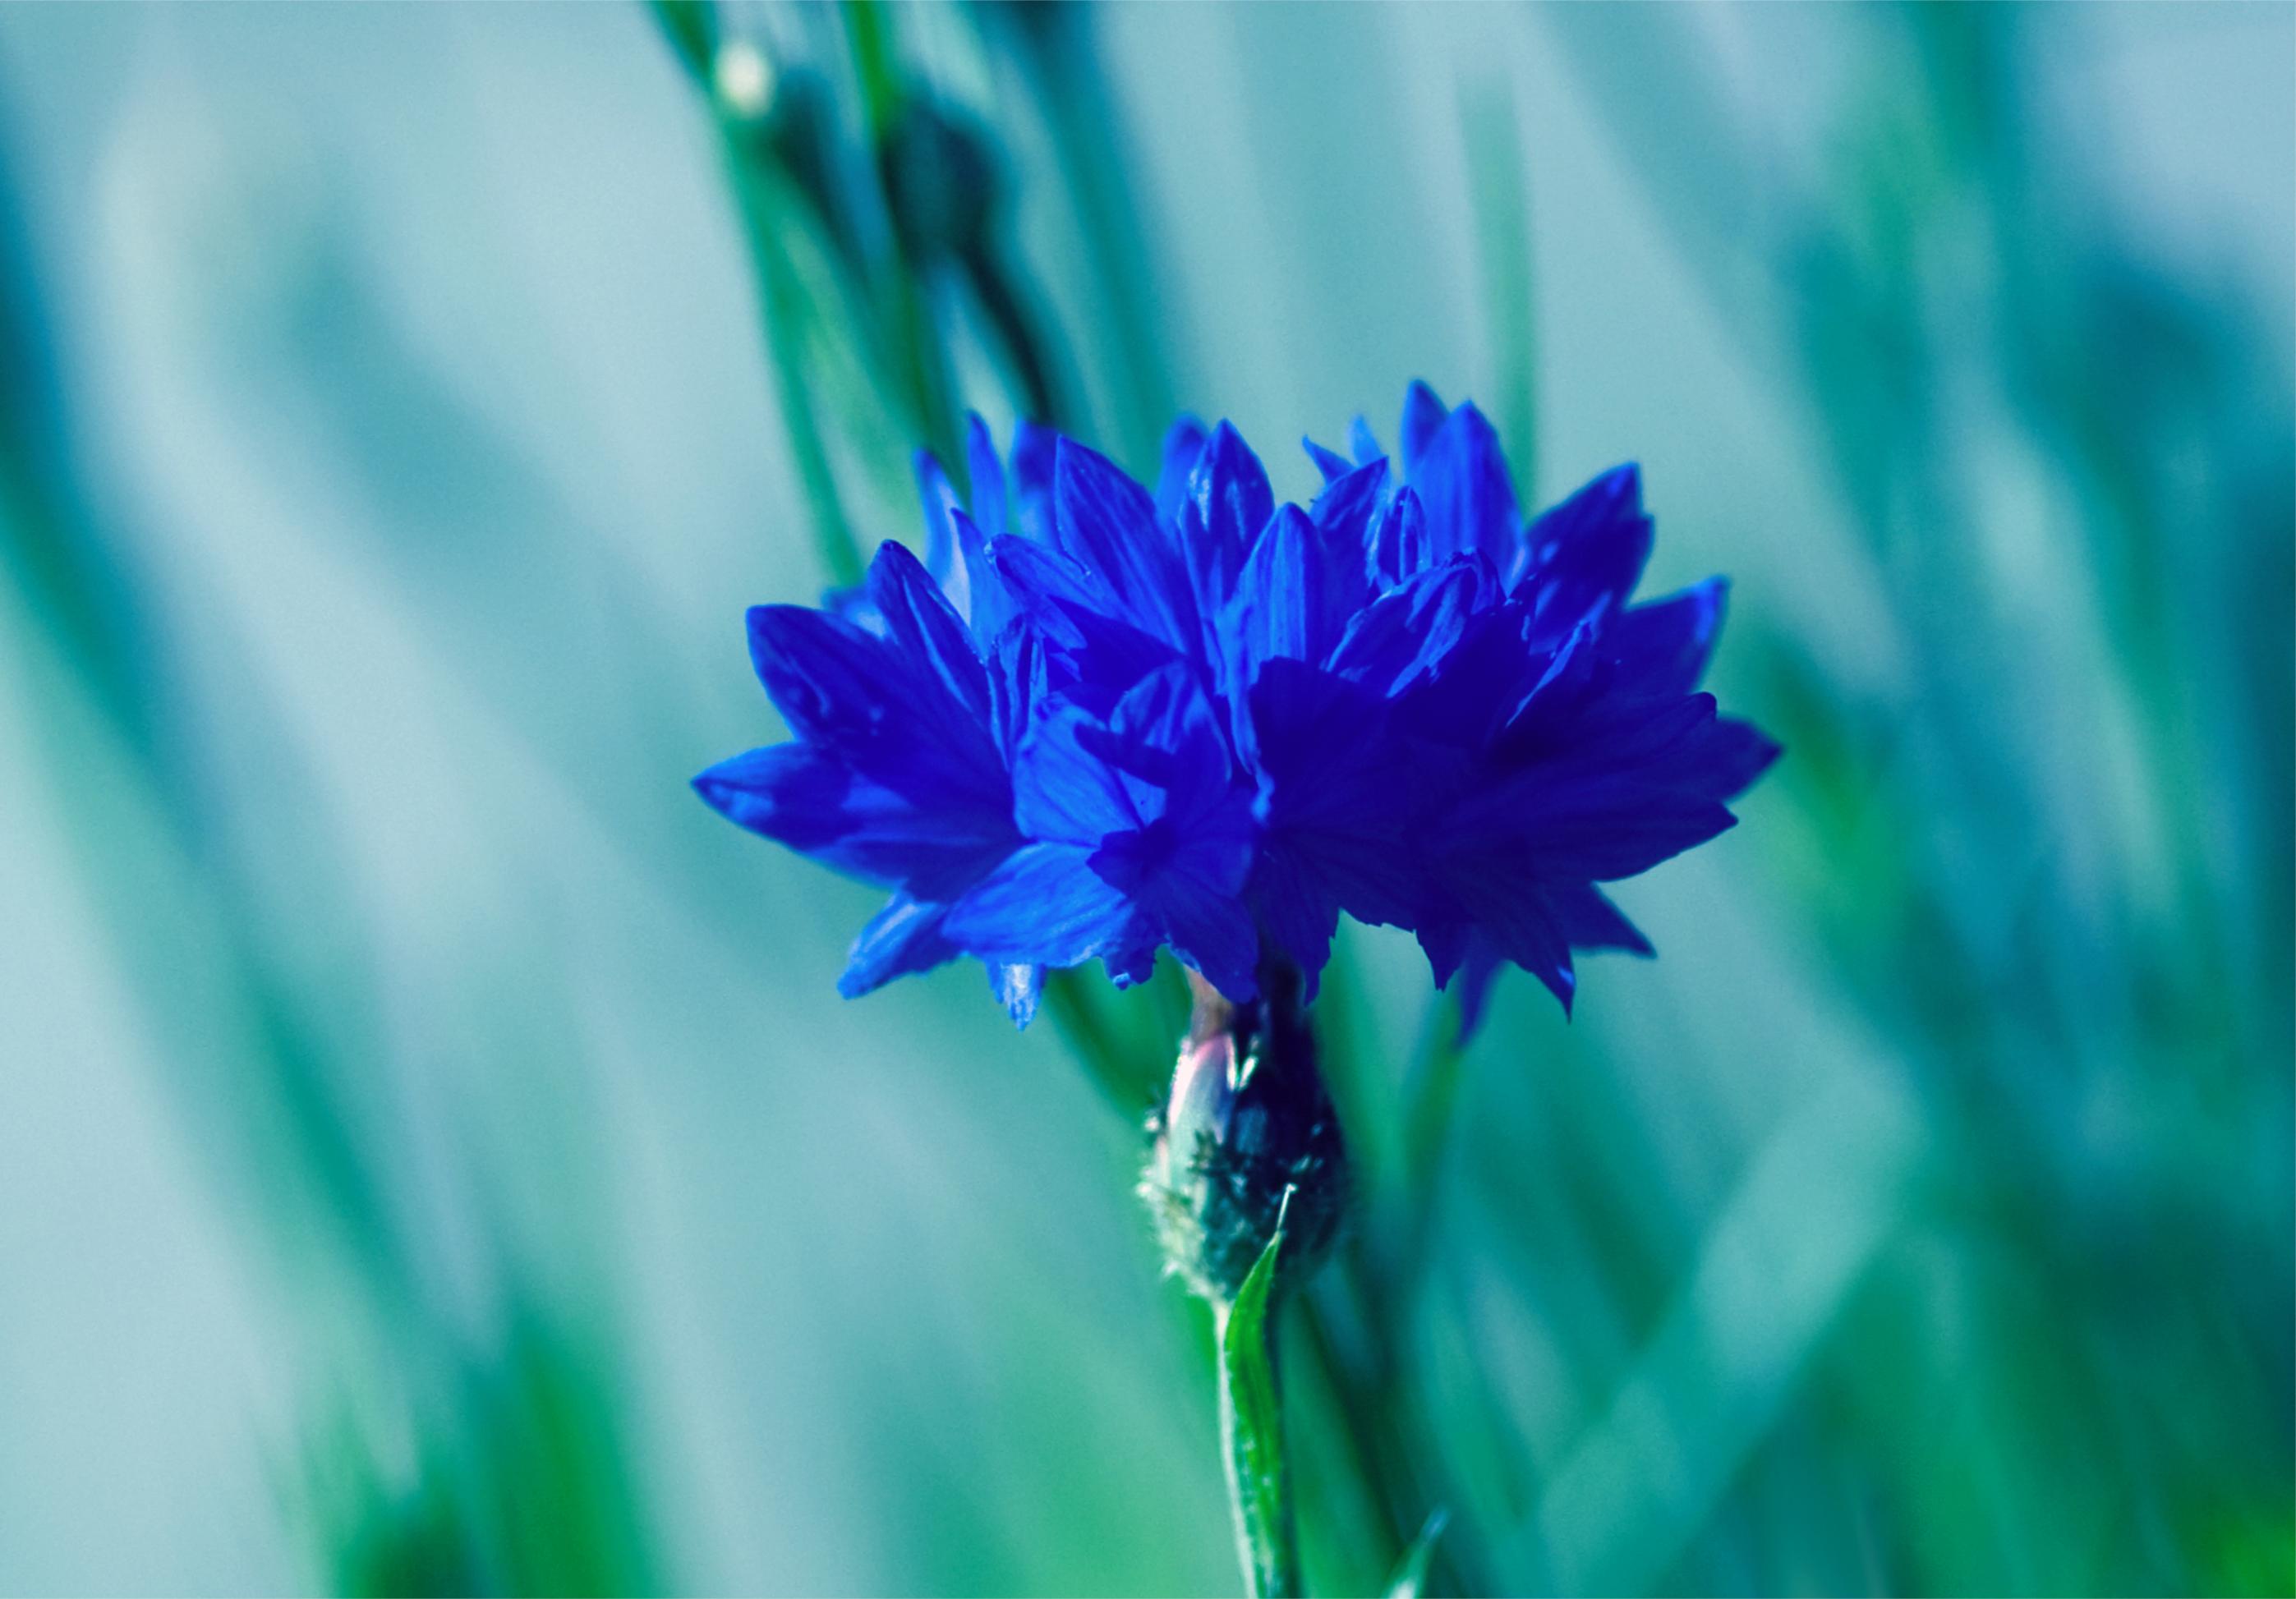 природа синие цветы nature blue flowers  № 1376516 бесплатно